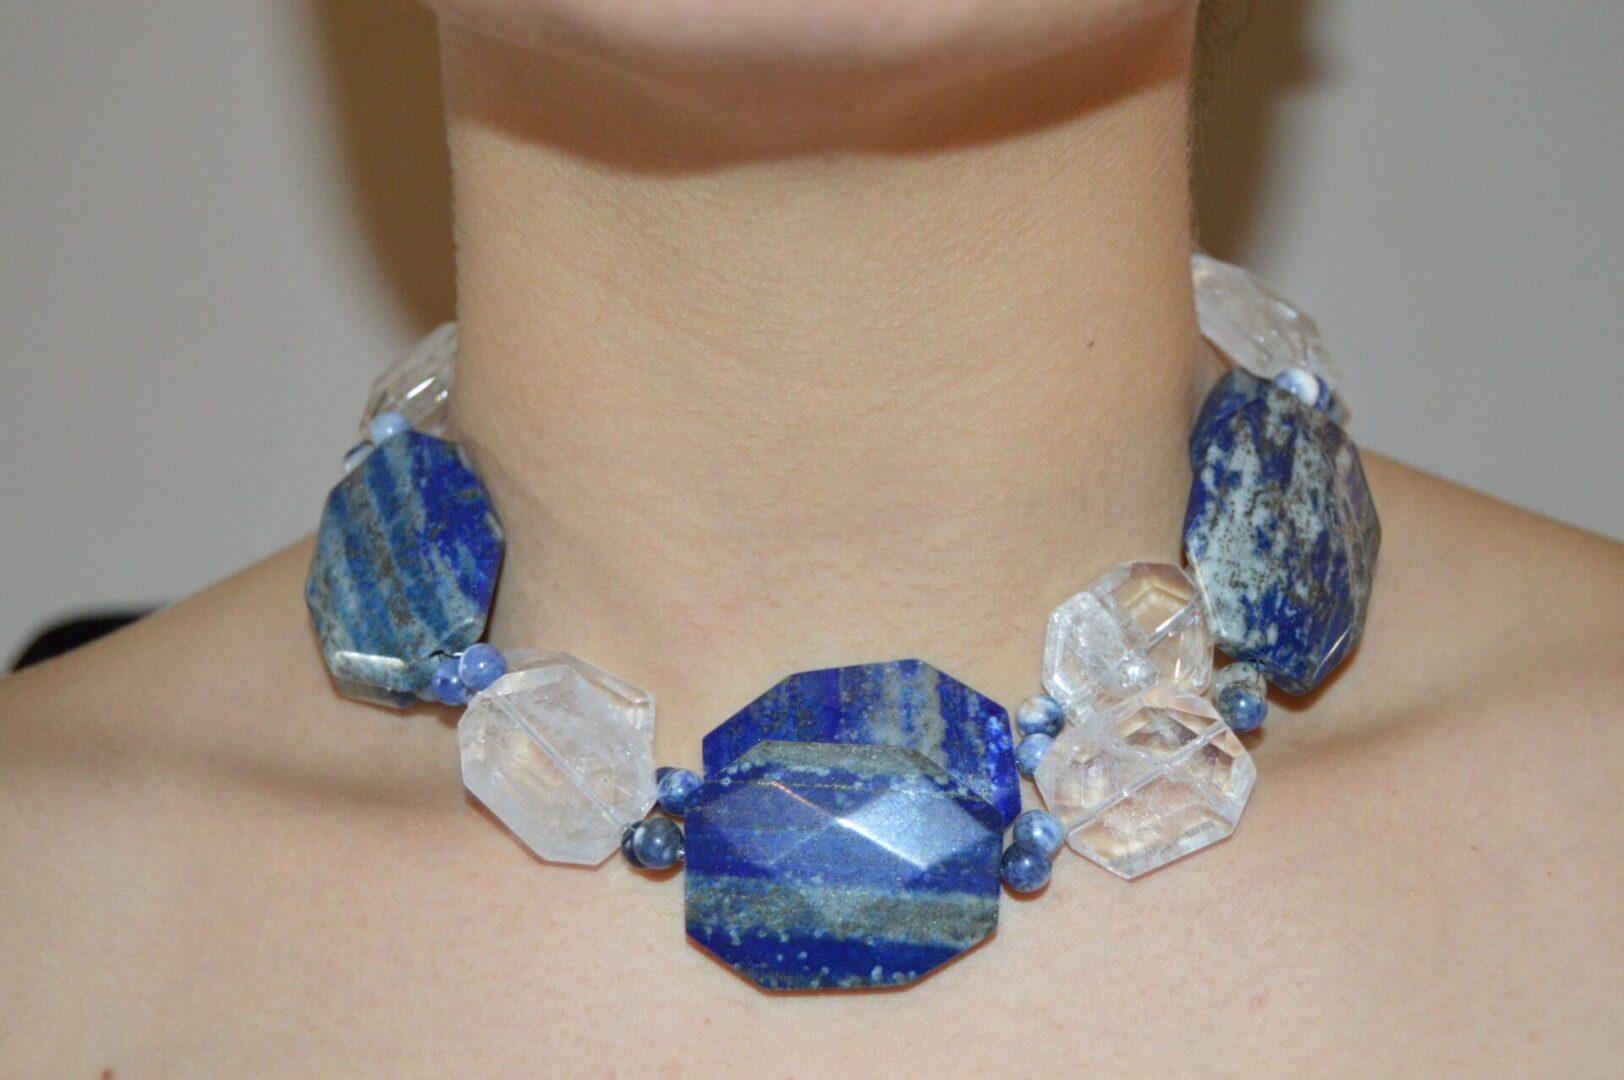 A Cleo Denim necklace